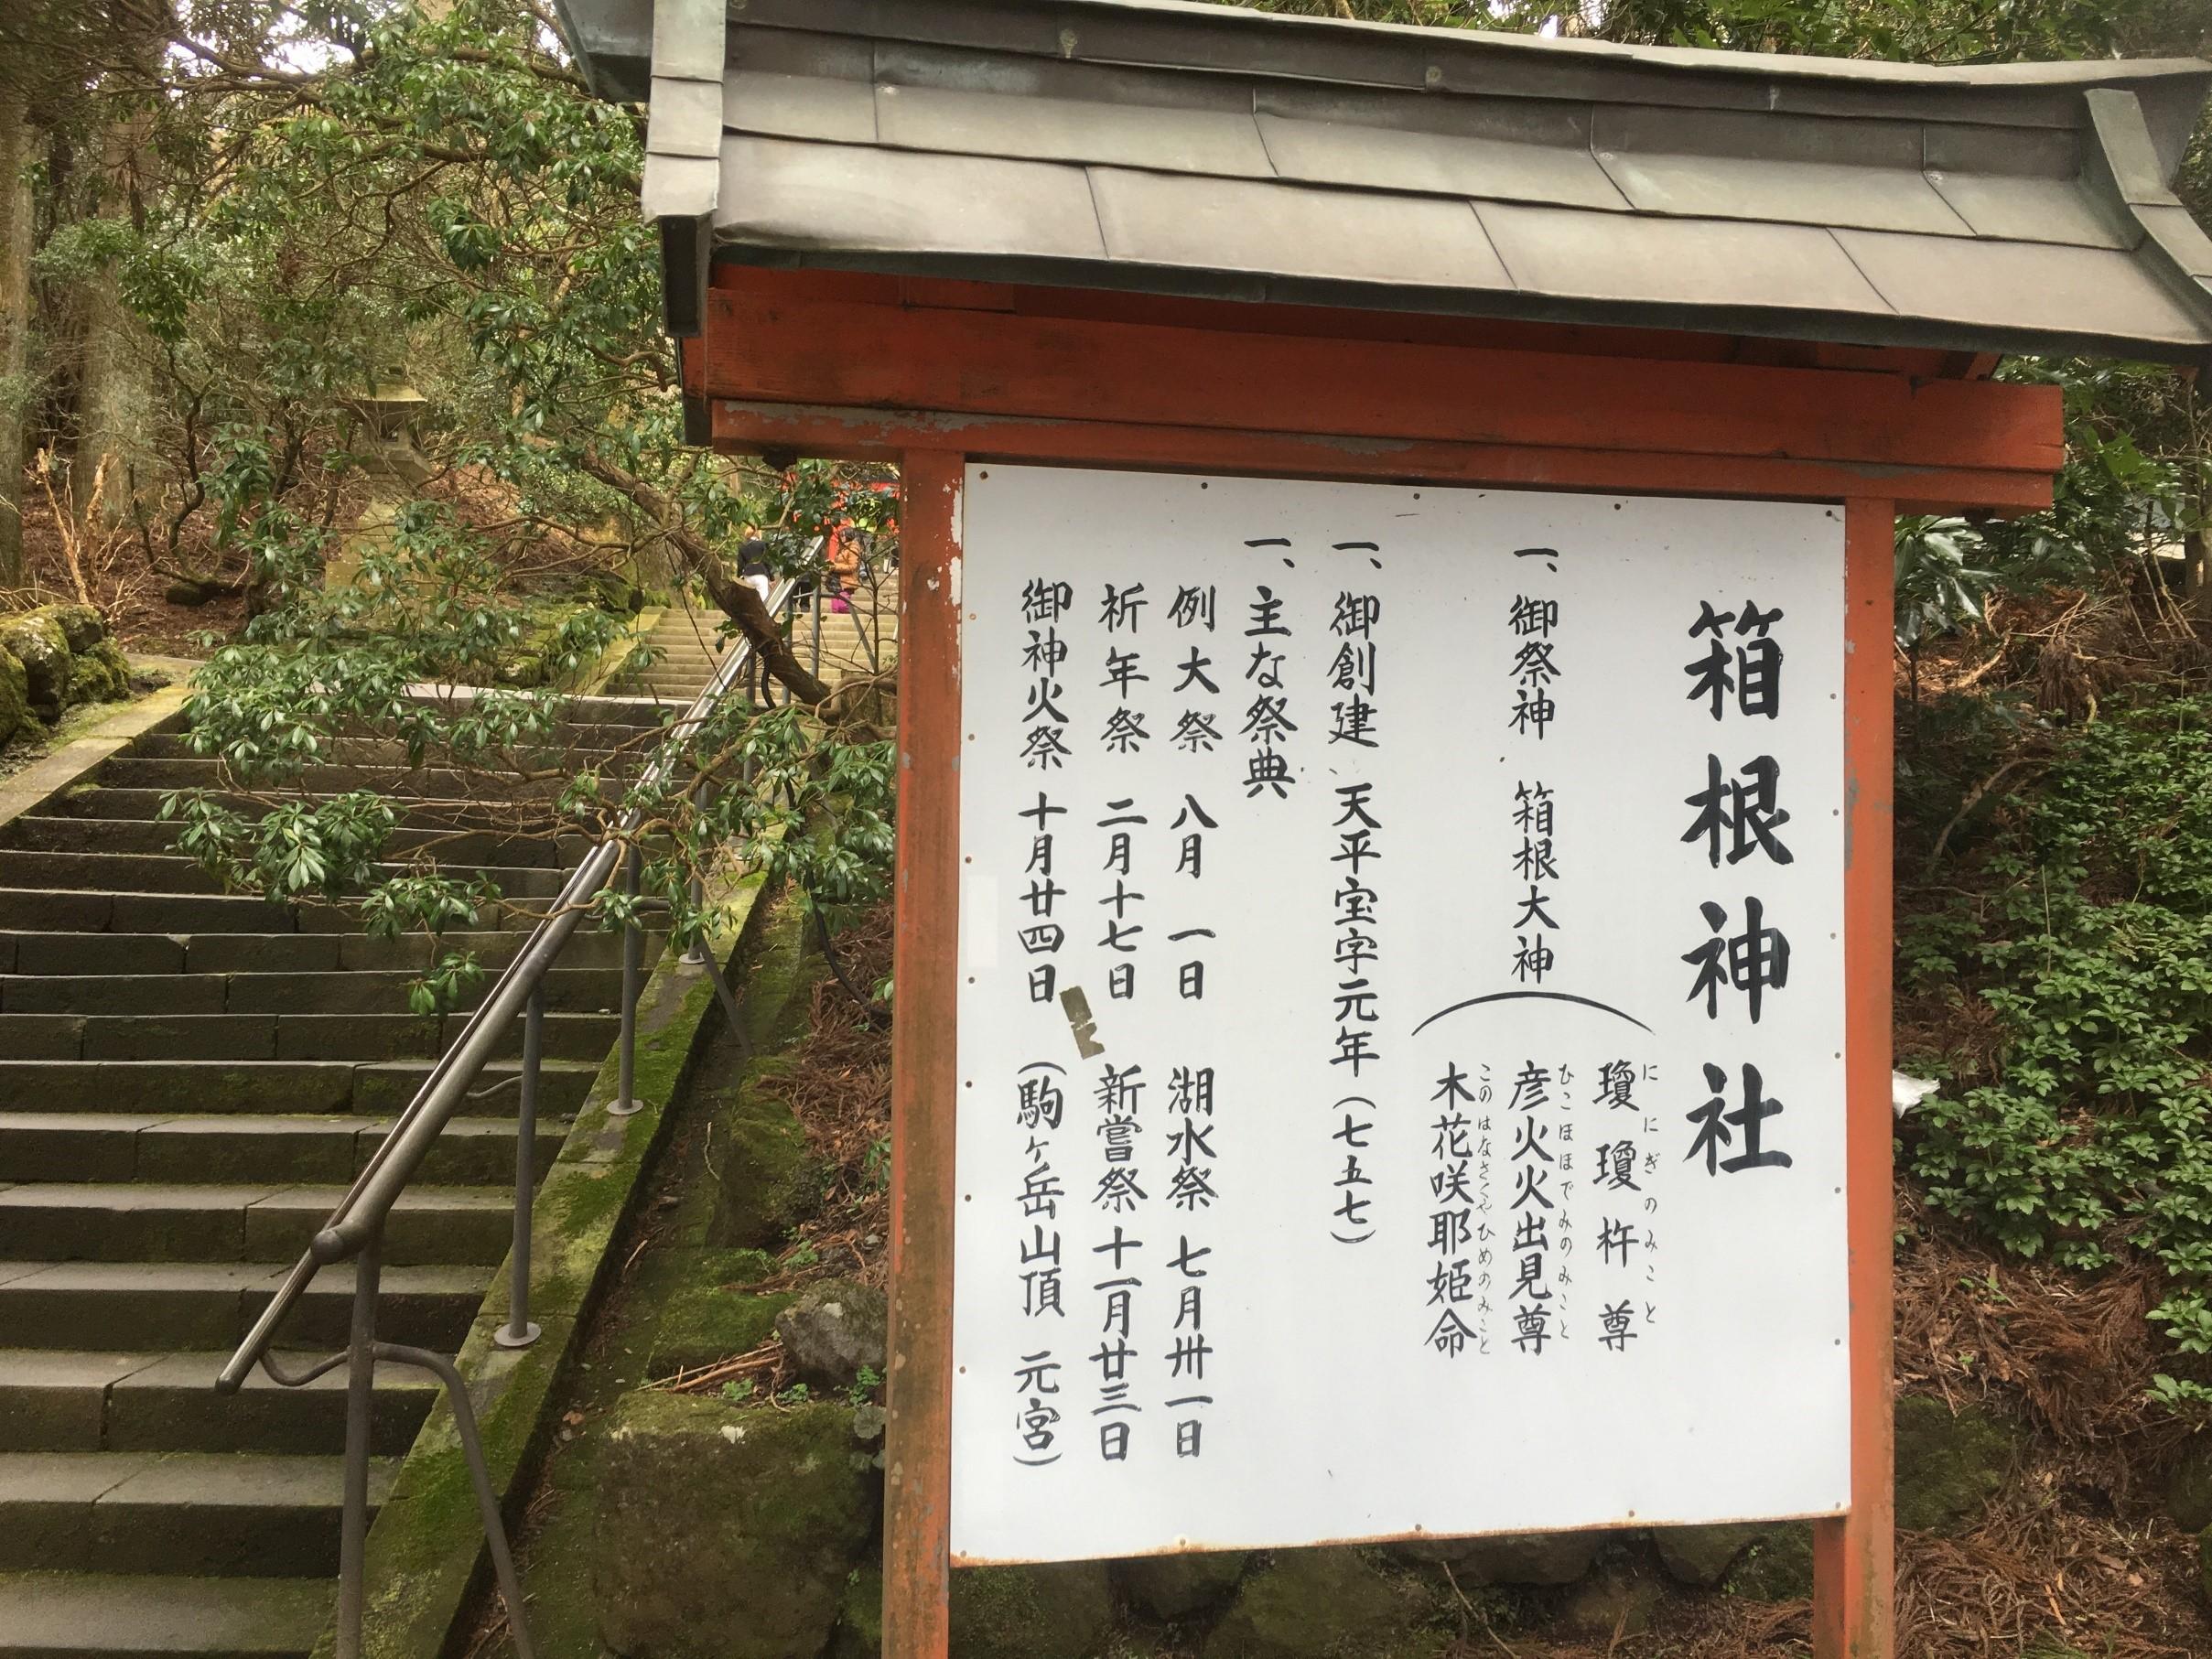 箱根神社 看板 写真